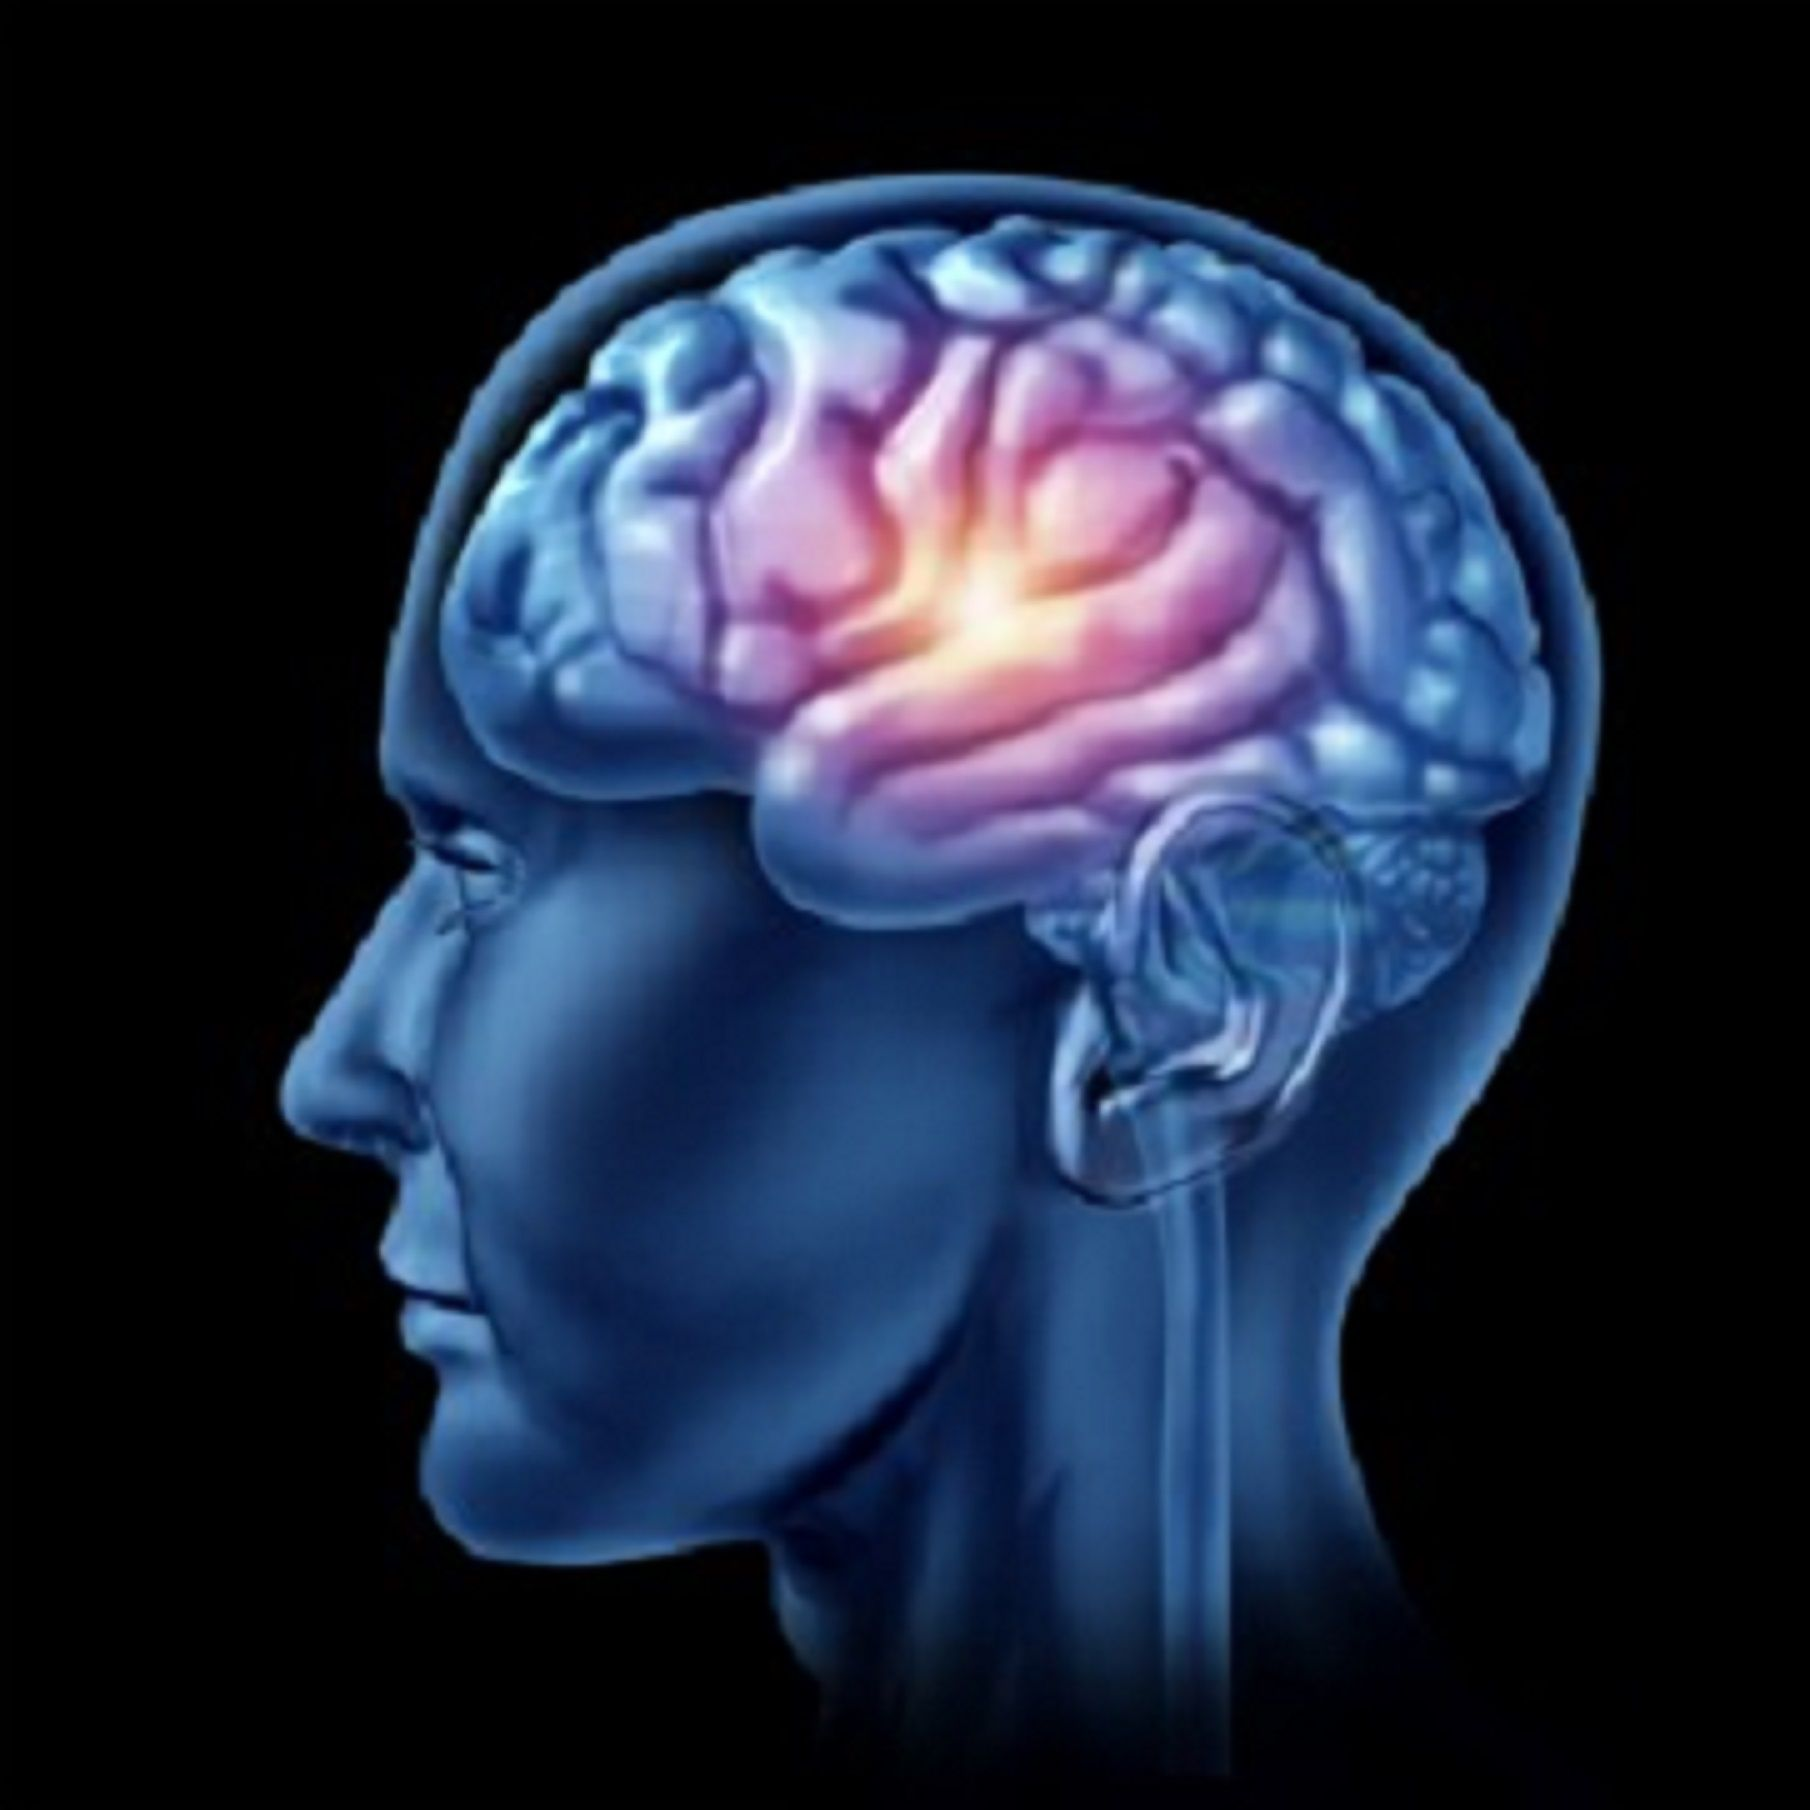 Manifestações cognitivas da Esclerose múltipla